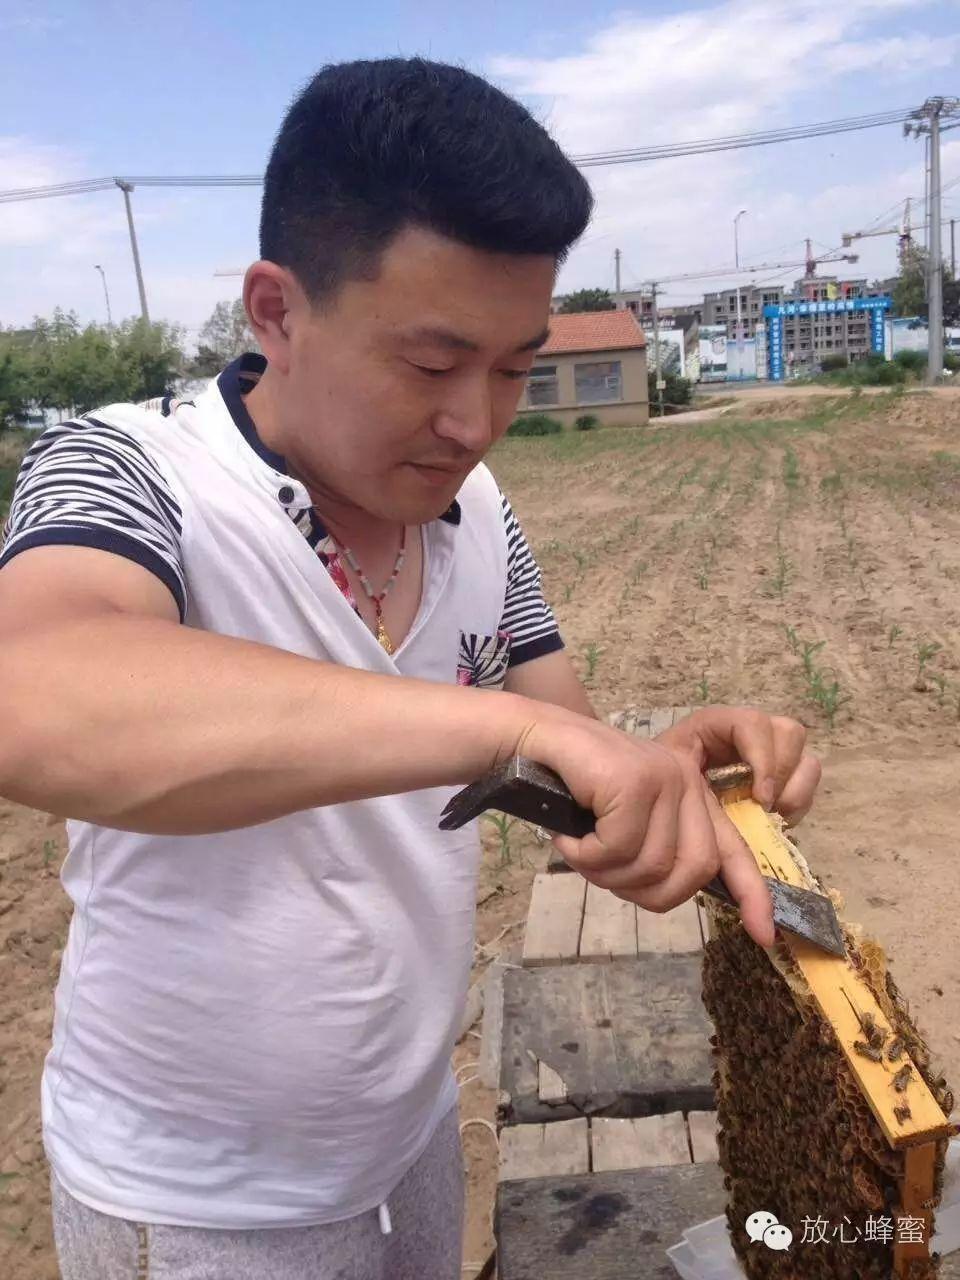 绿茶加蜂蜜能减肥吗 明园牌蜂蜜 姜能和蜂蜜水一起用吗 西红柿蜂蜜面膜怎么做 晚上睡前喝蜂蜜好吗